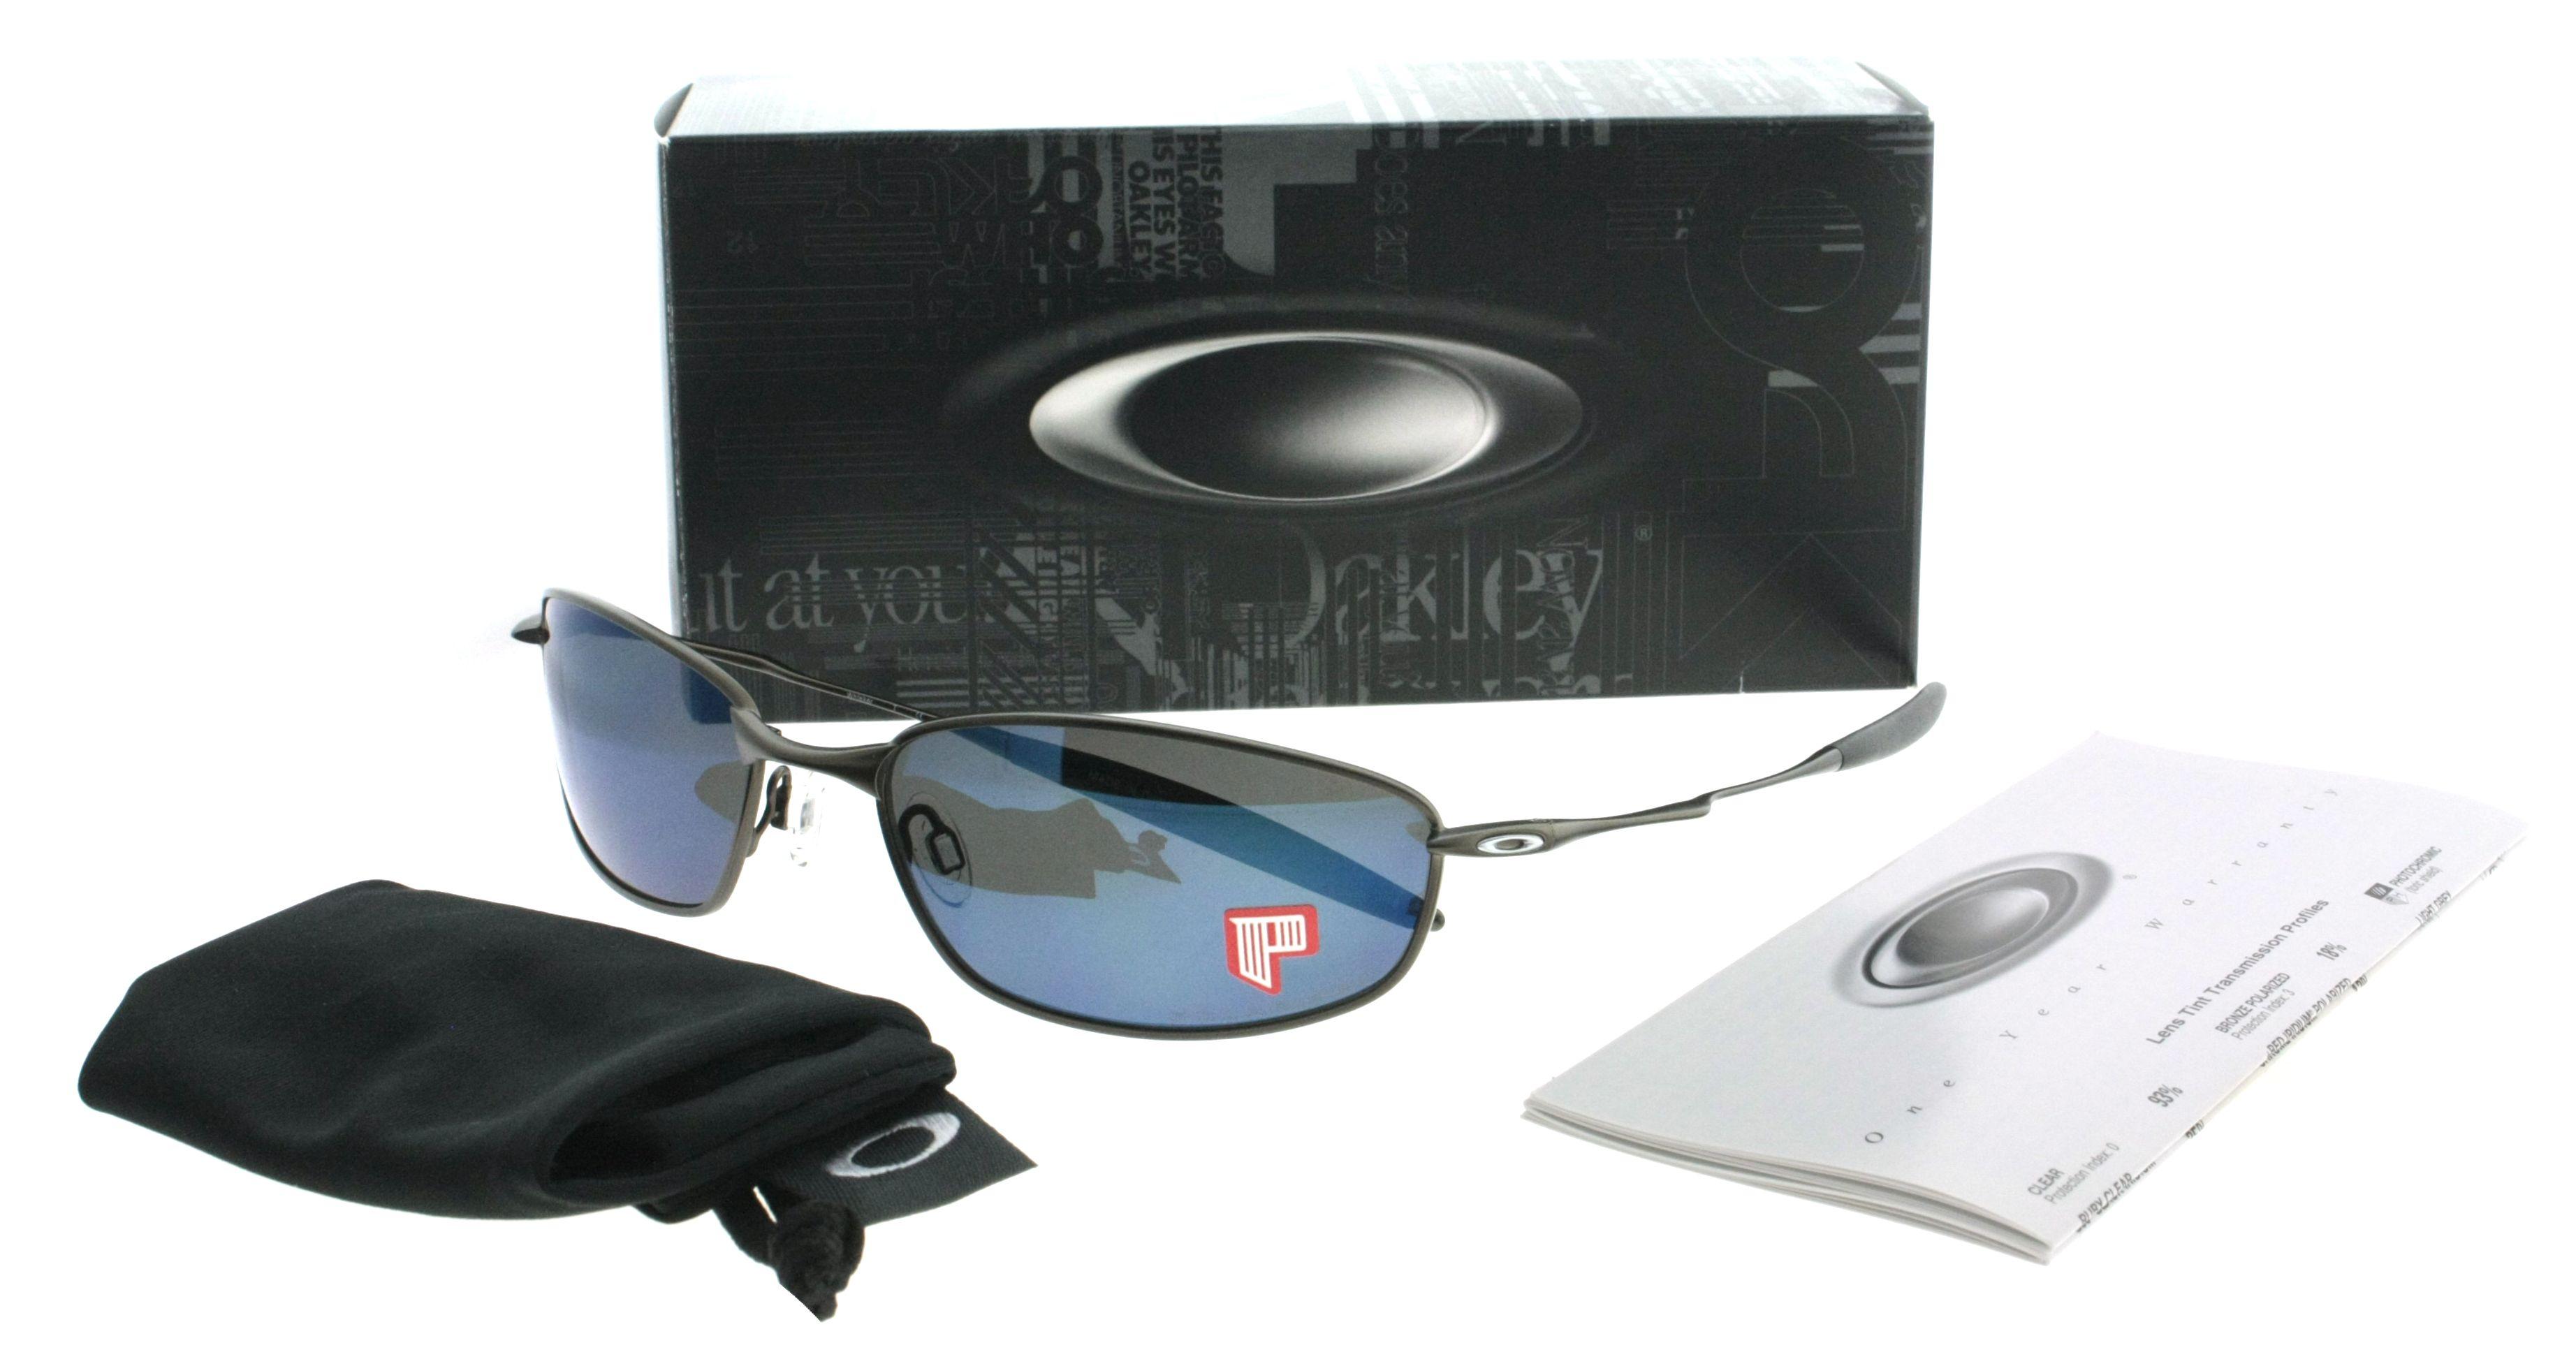 OAKLEY OO4020 WHISKER: #occhiali dalla forma pillow, quattro varianti di #colore, tre con lenti #polarizzate, protezione UV 100%. Veramente maschili! >>>http://bit.ly/1DAhe9h #eyewear #sunglasses #men #style #brand